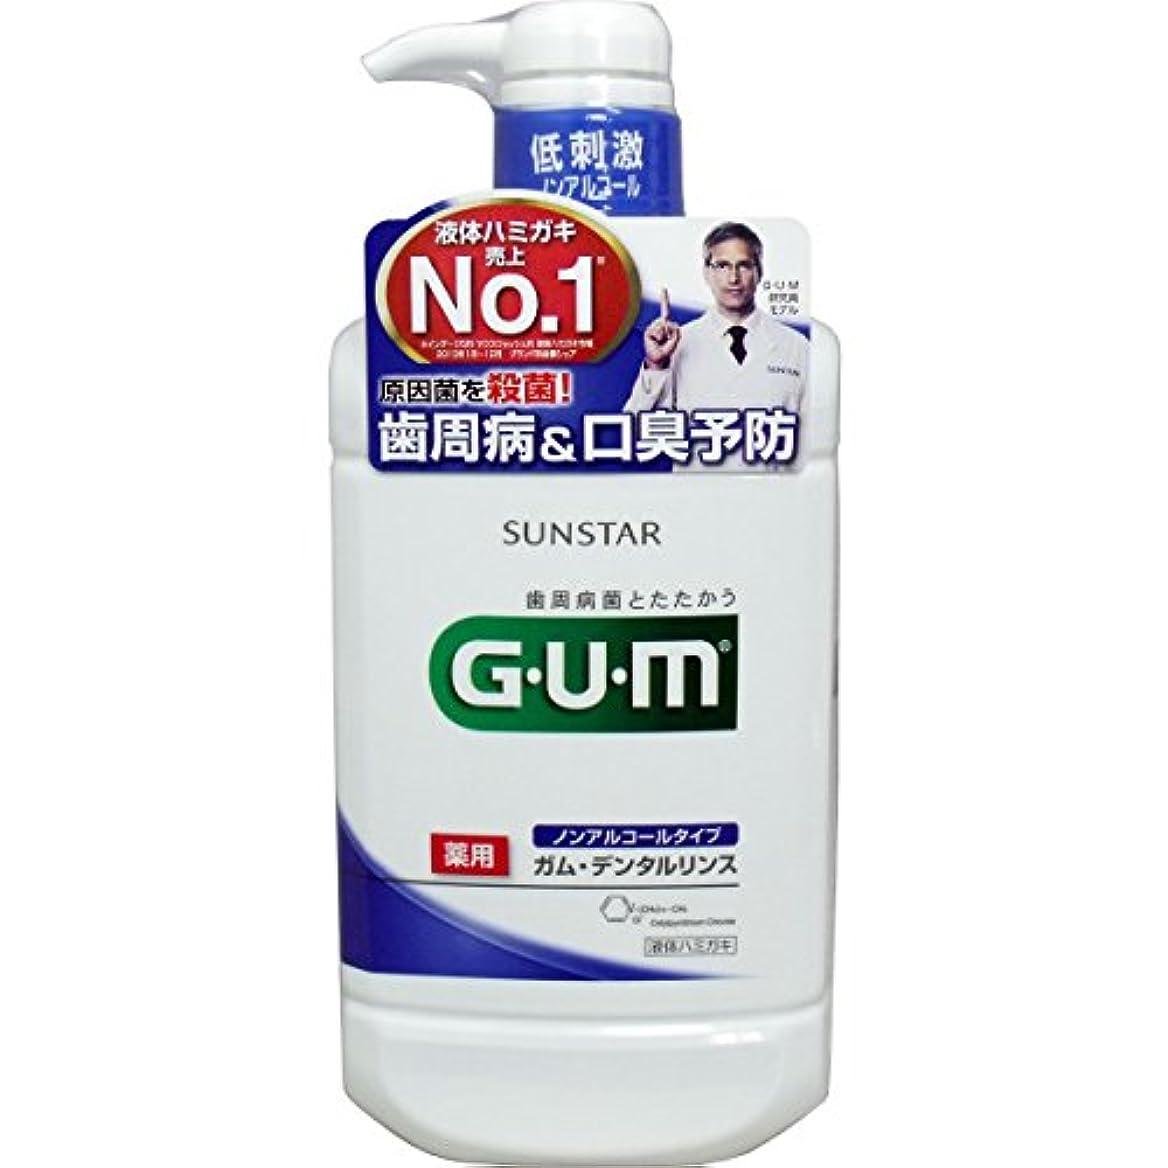 書道唯一良さ歯周病予防 デンタルリンス ハグキの炎症を防ぐ 便利 GUM ガム?デンタルリンス 薬用 ノンアルコールタイプ 960mL【5個セット】